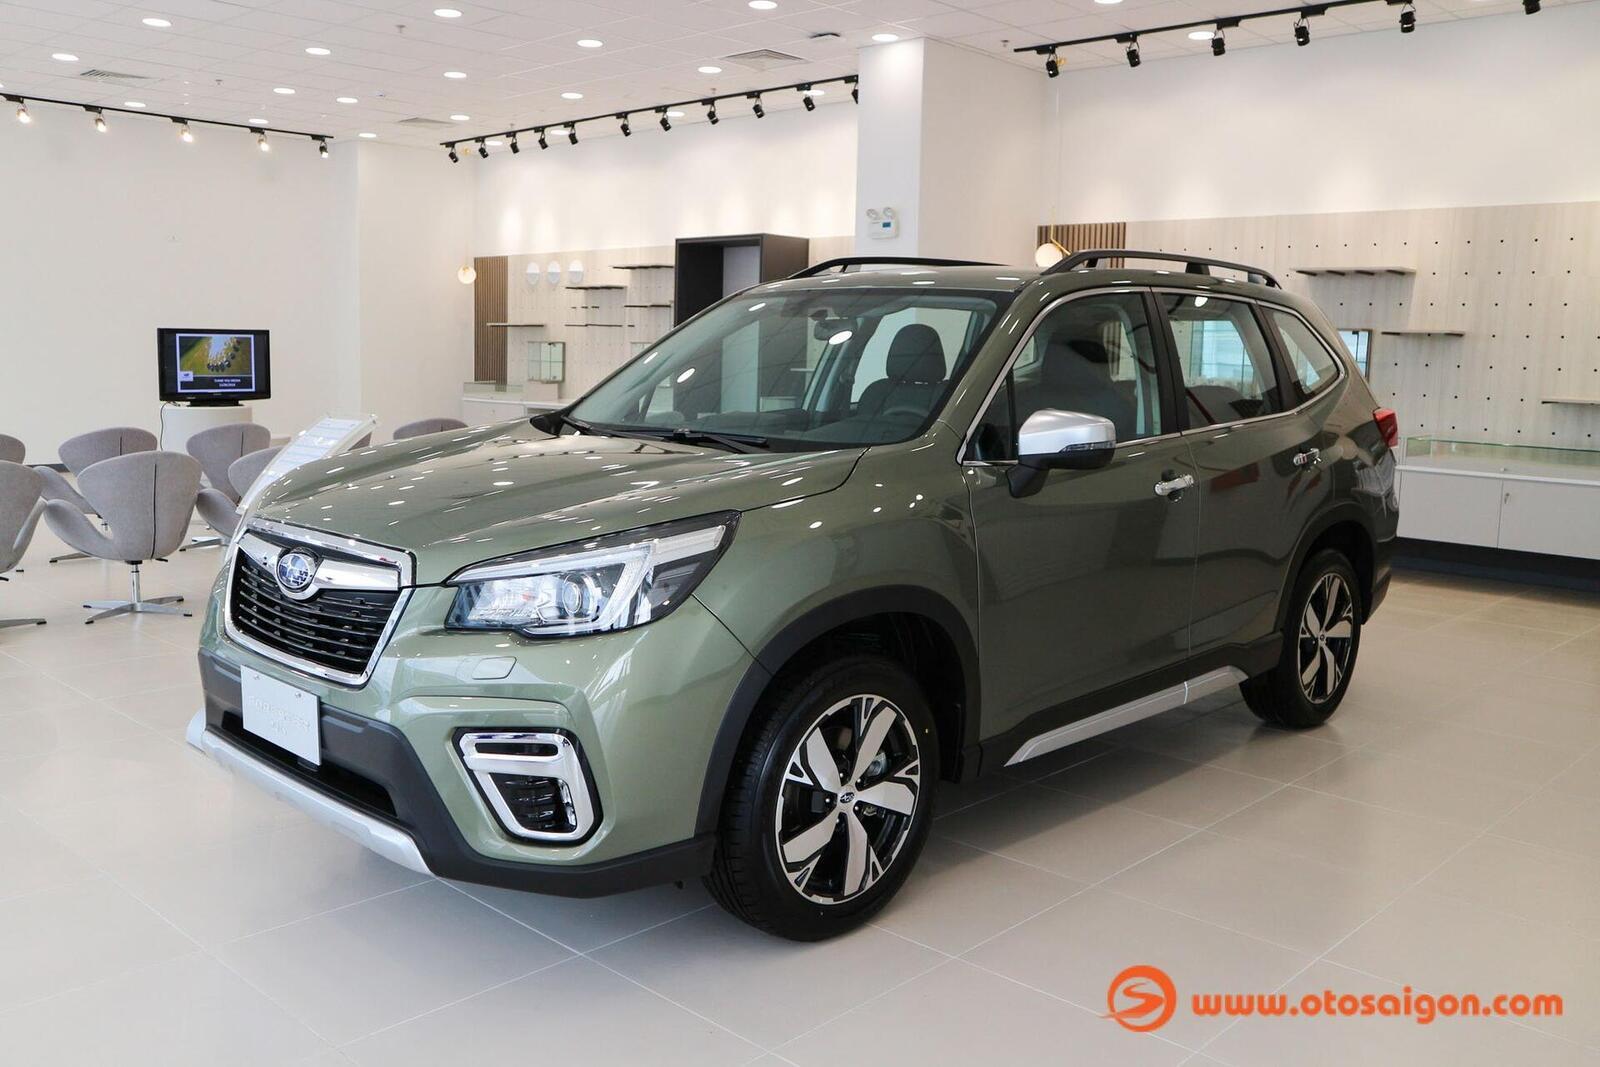 Cận cảnh Subaru Forester thế hệ mới nhập Thái sắp ra mắt tại Việt Nam | SUBARU - Hình 2